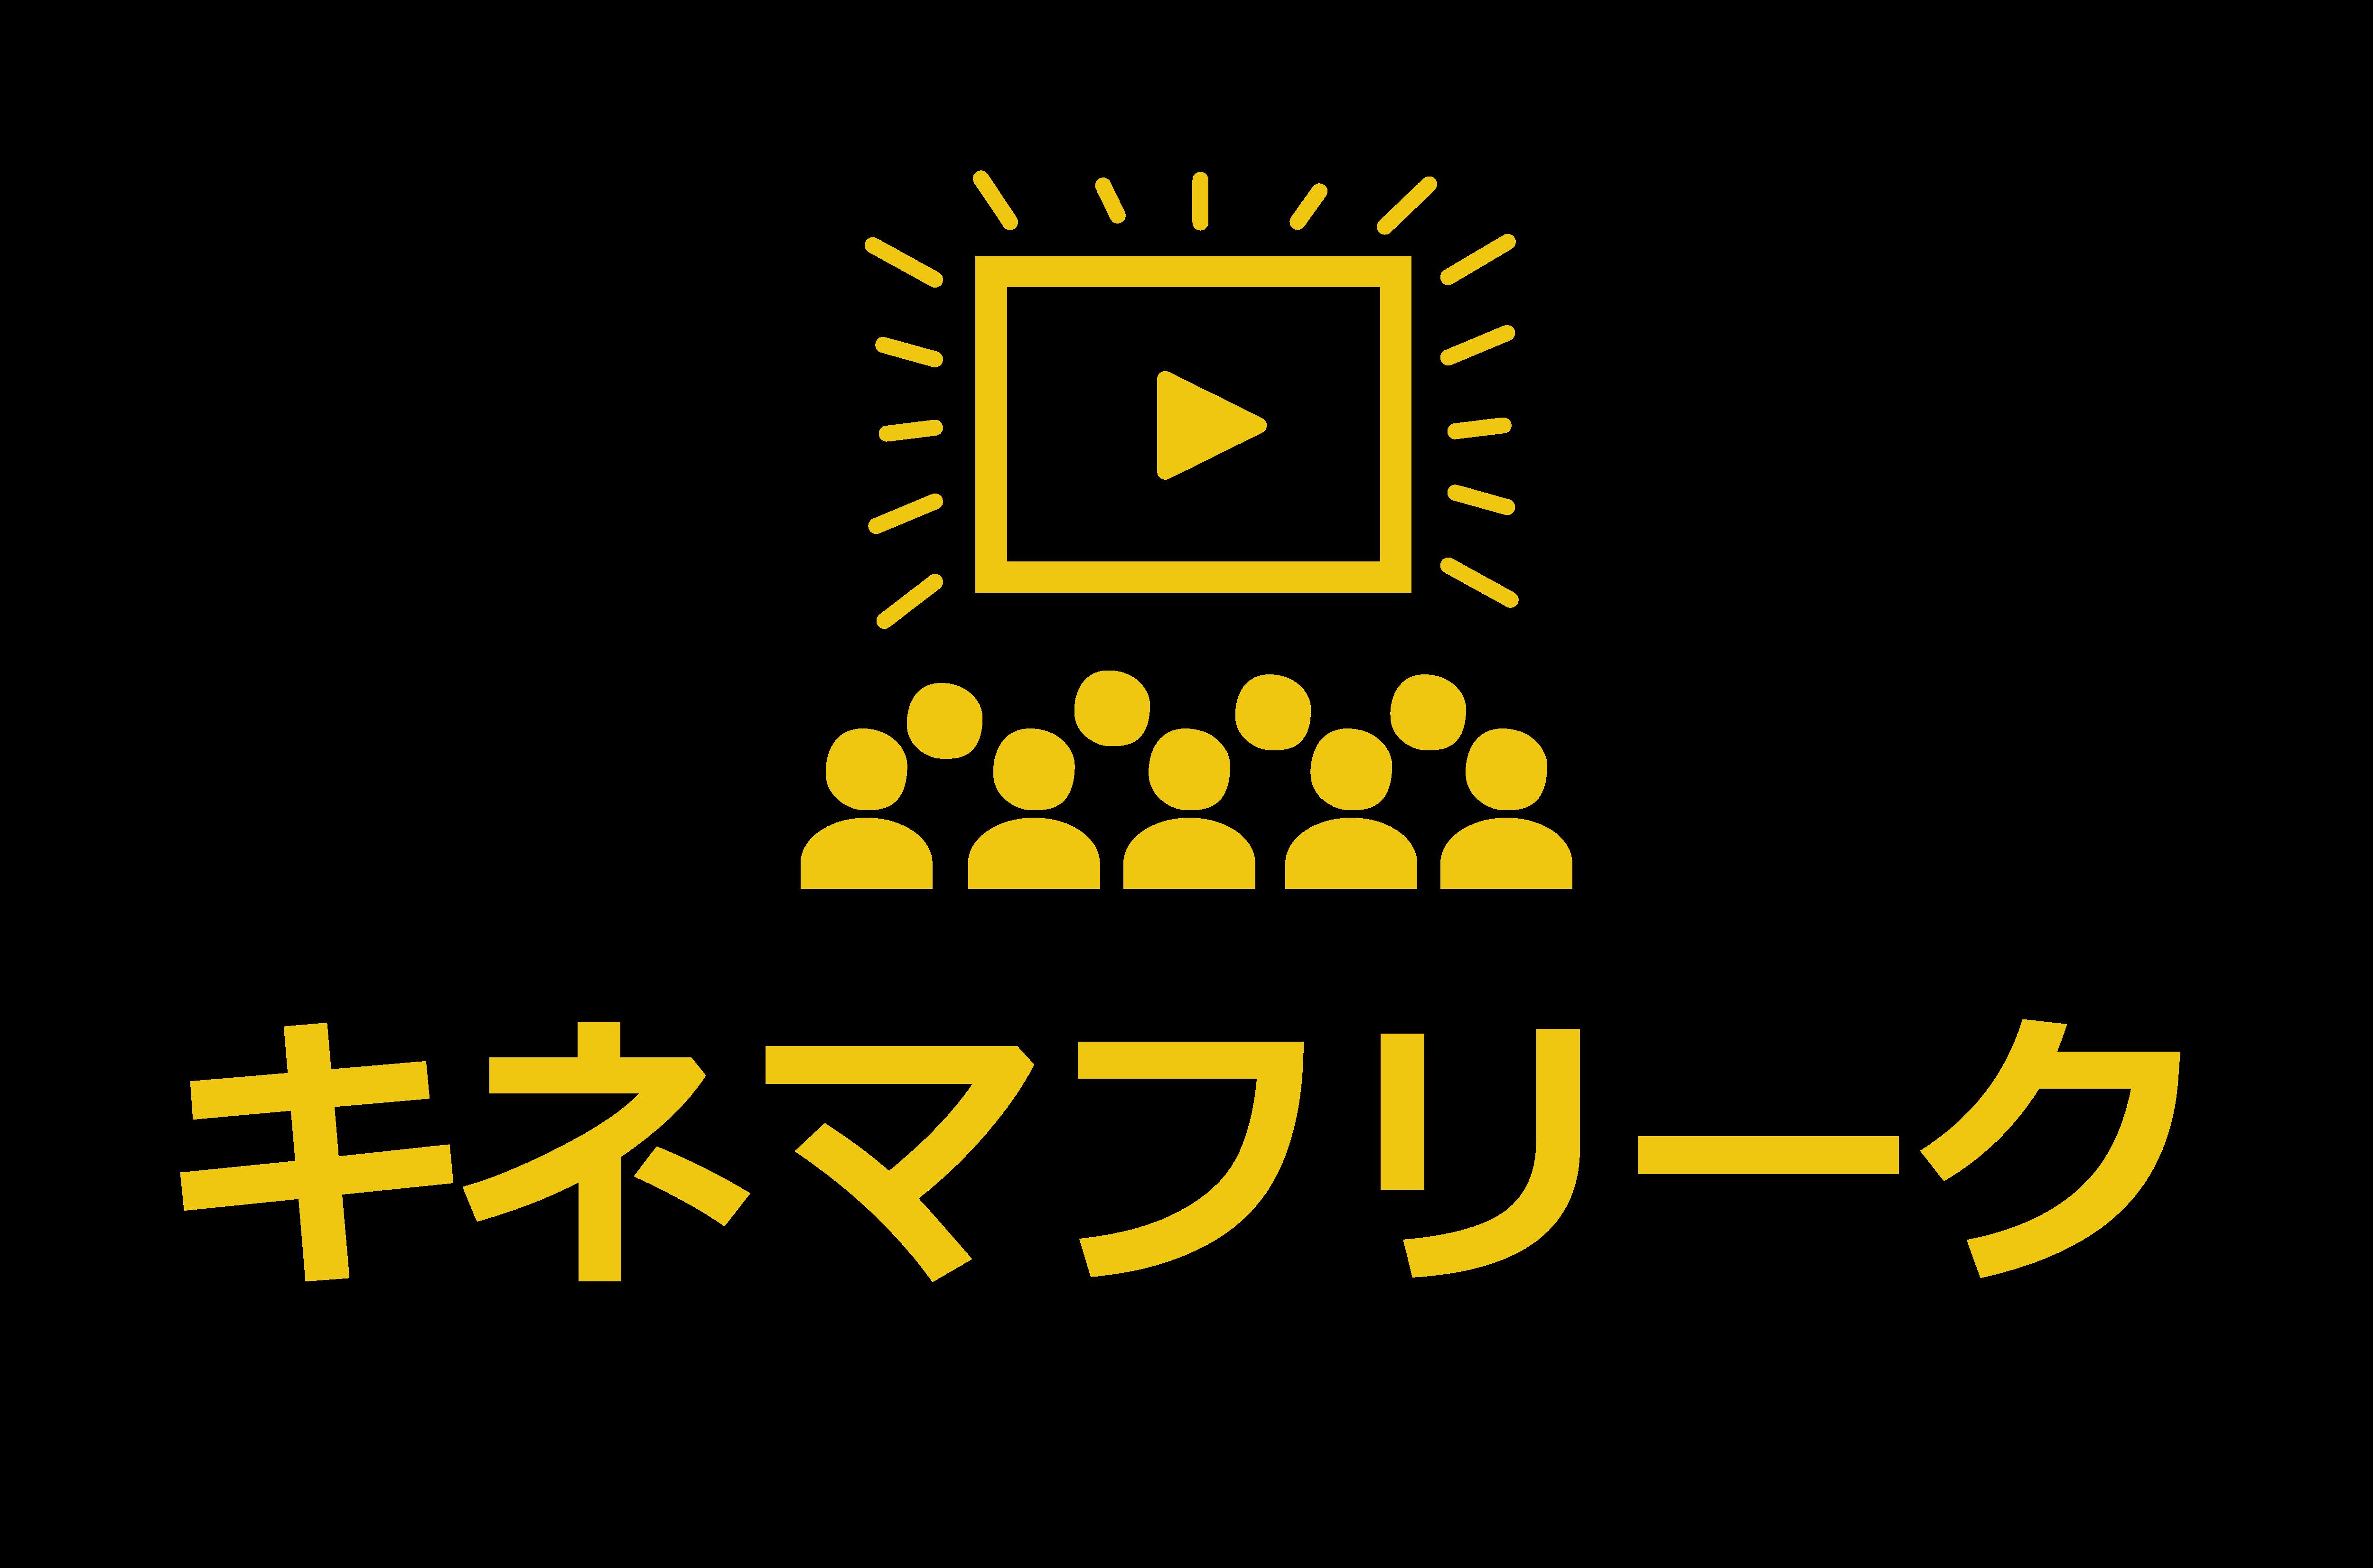 キネマフリーク/知識0から体験を共有する映画記録